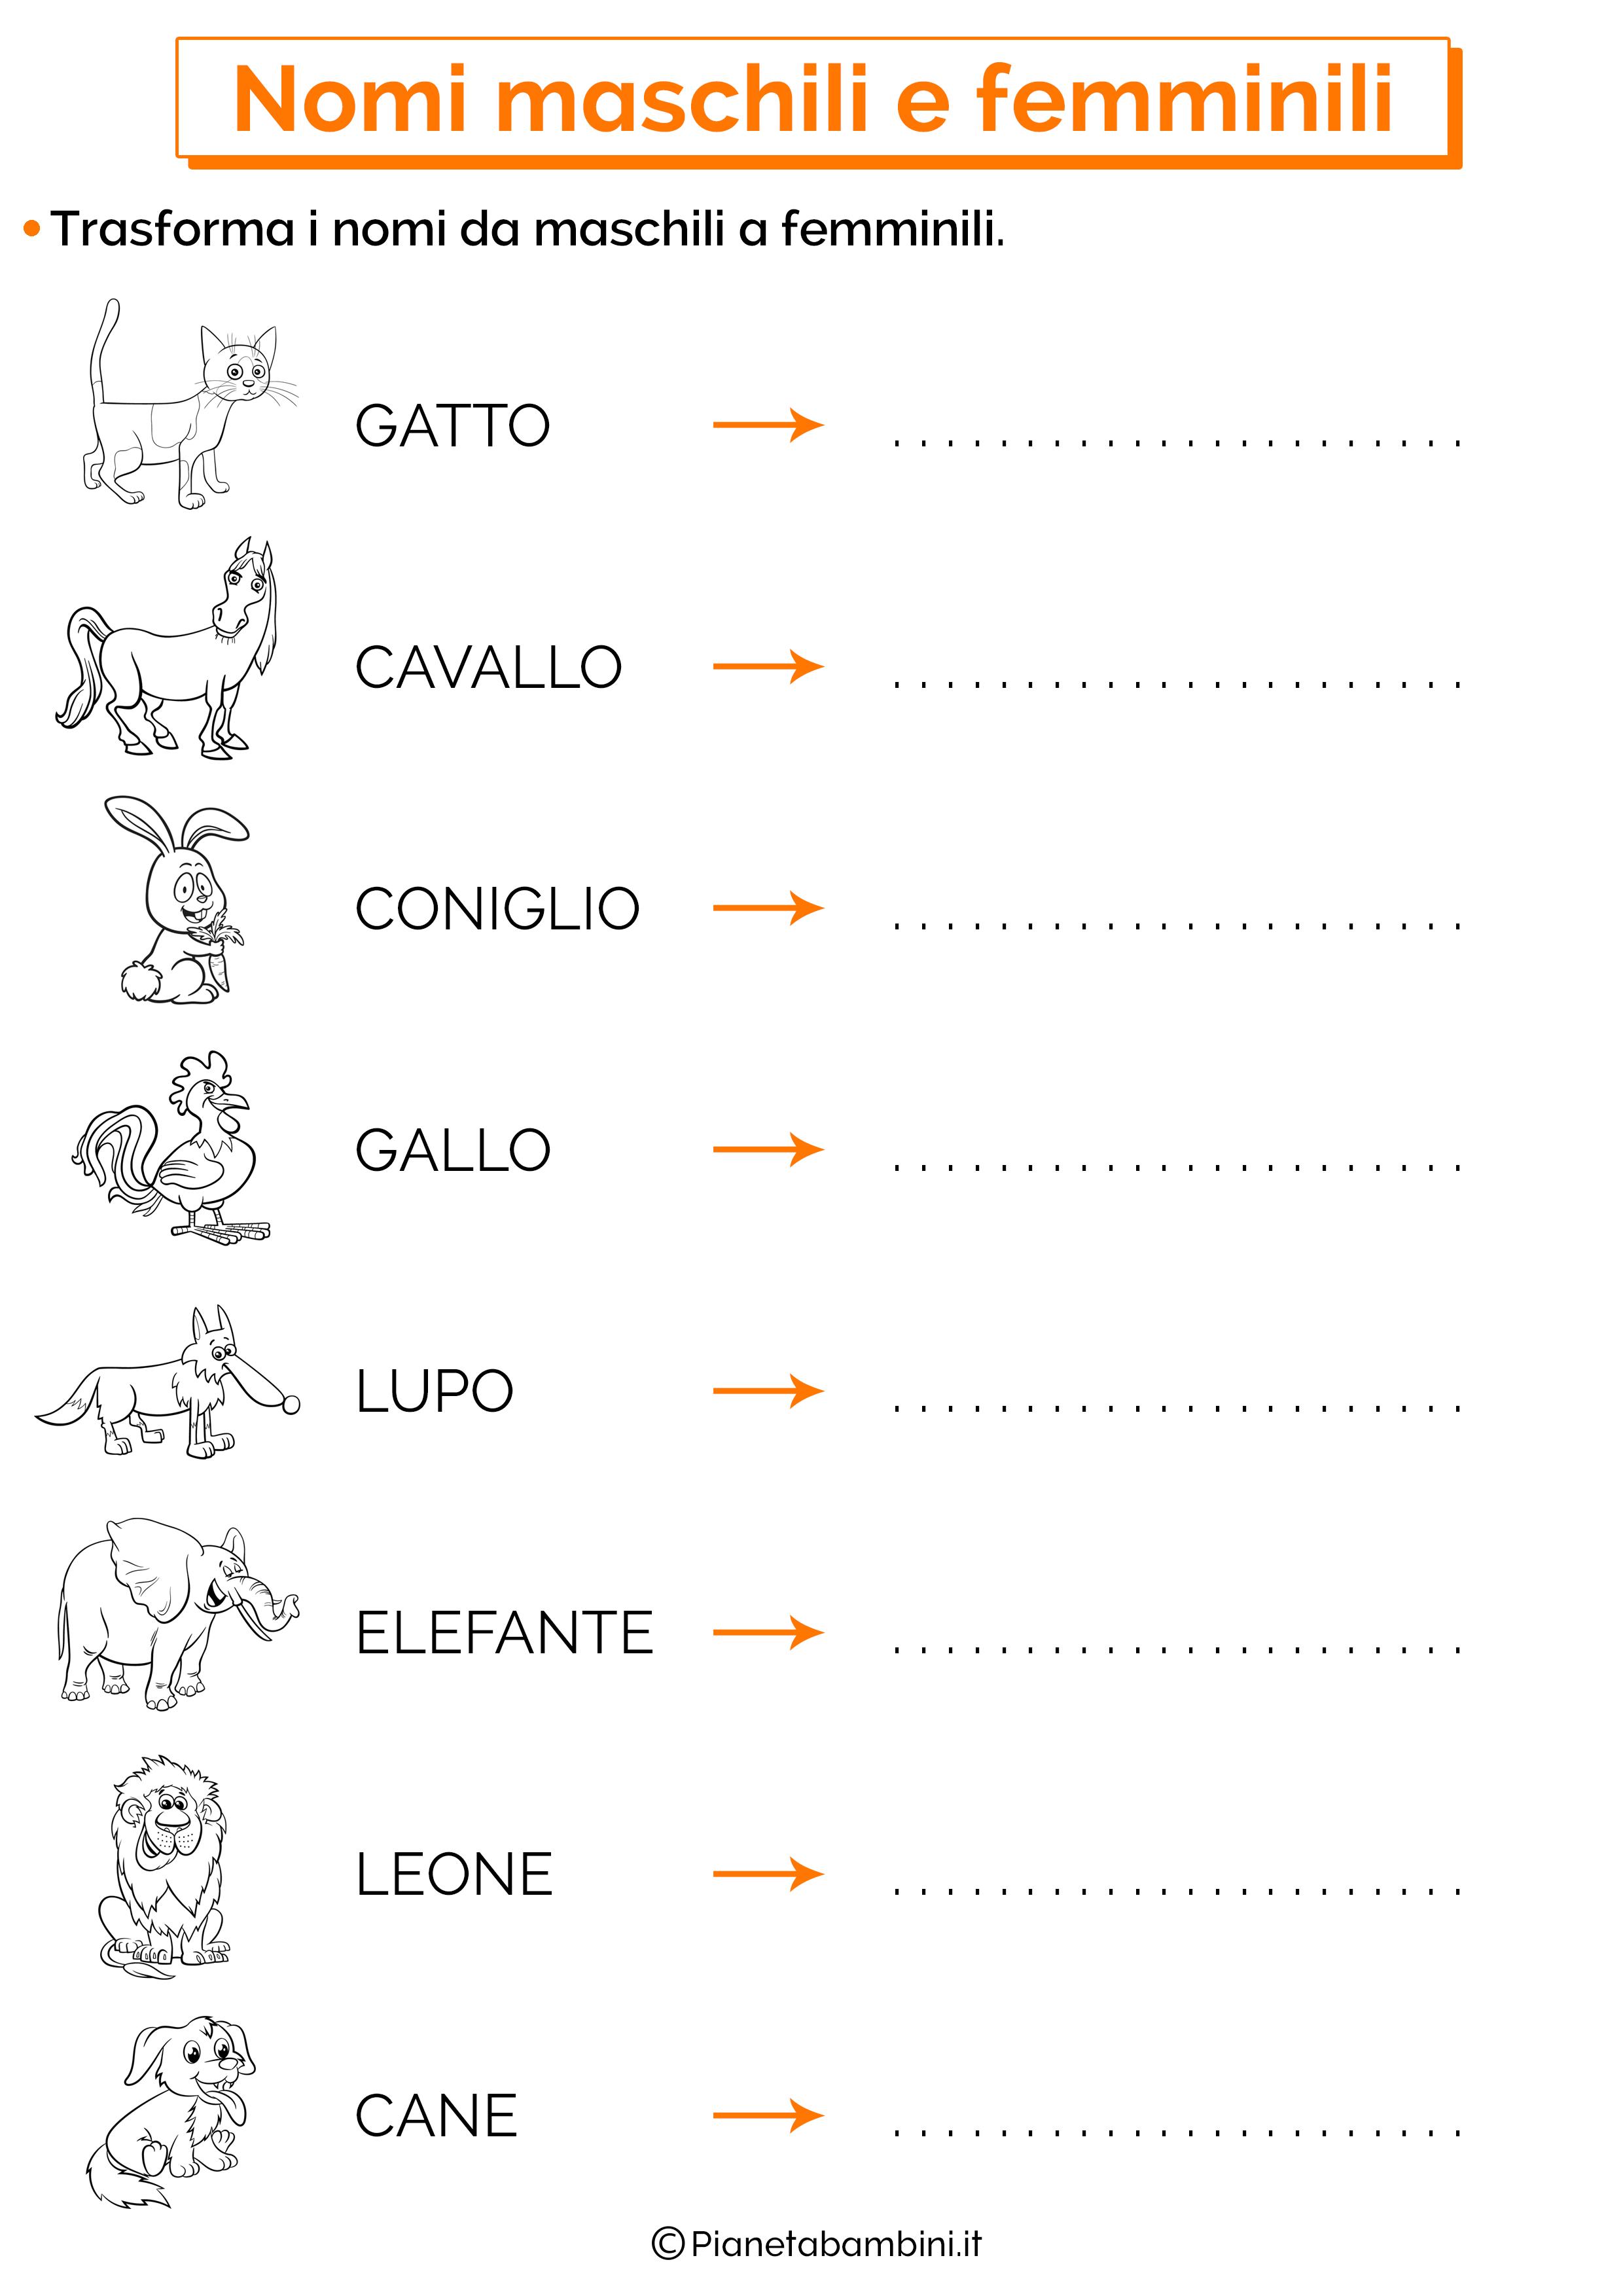 Scheda didattica sui nomi maschili e femminili 02